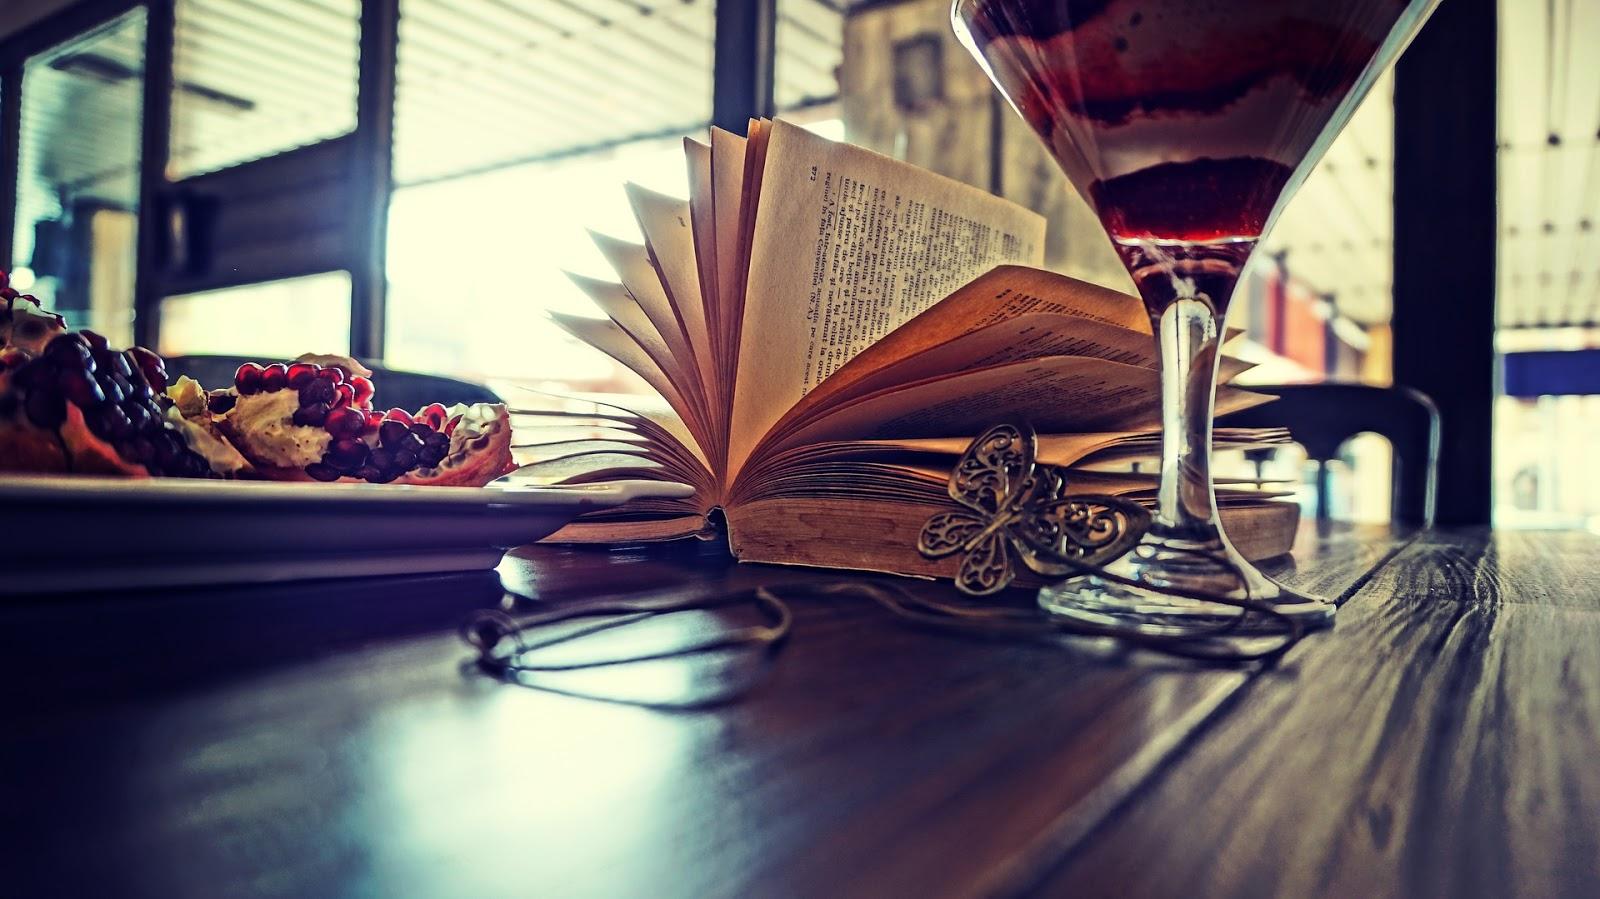 Mój dzień w książkach, czyli zabawa blogowa